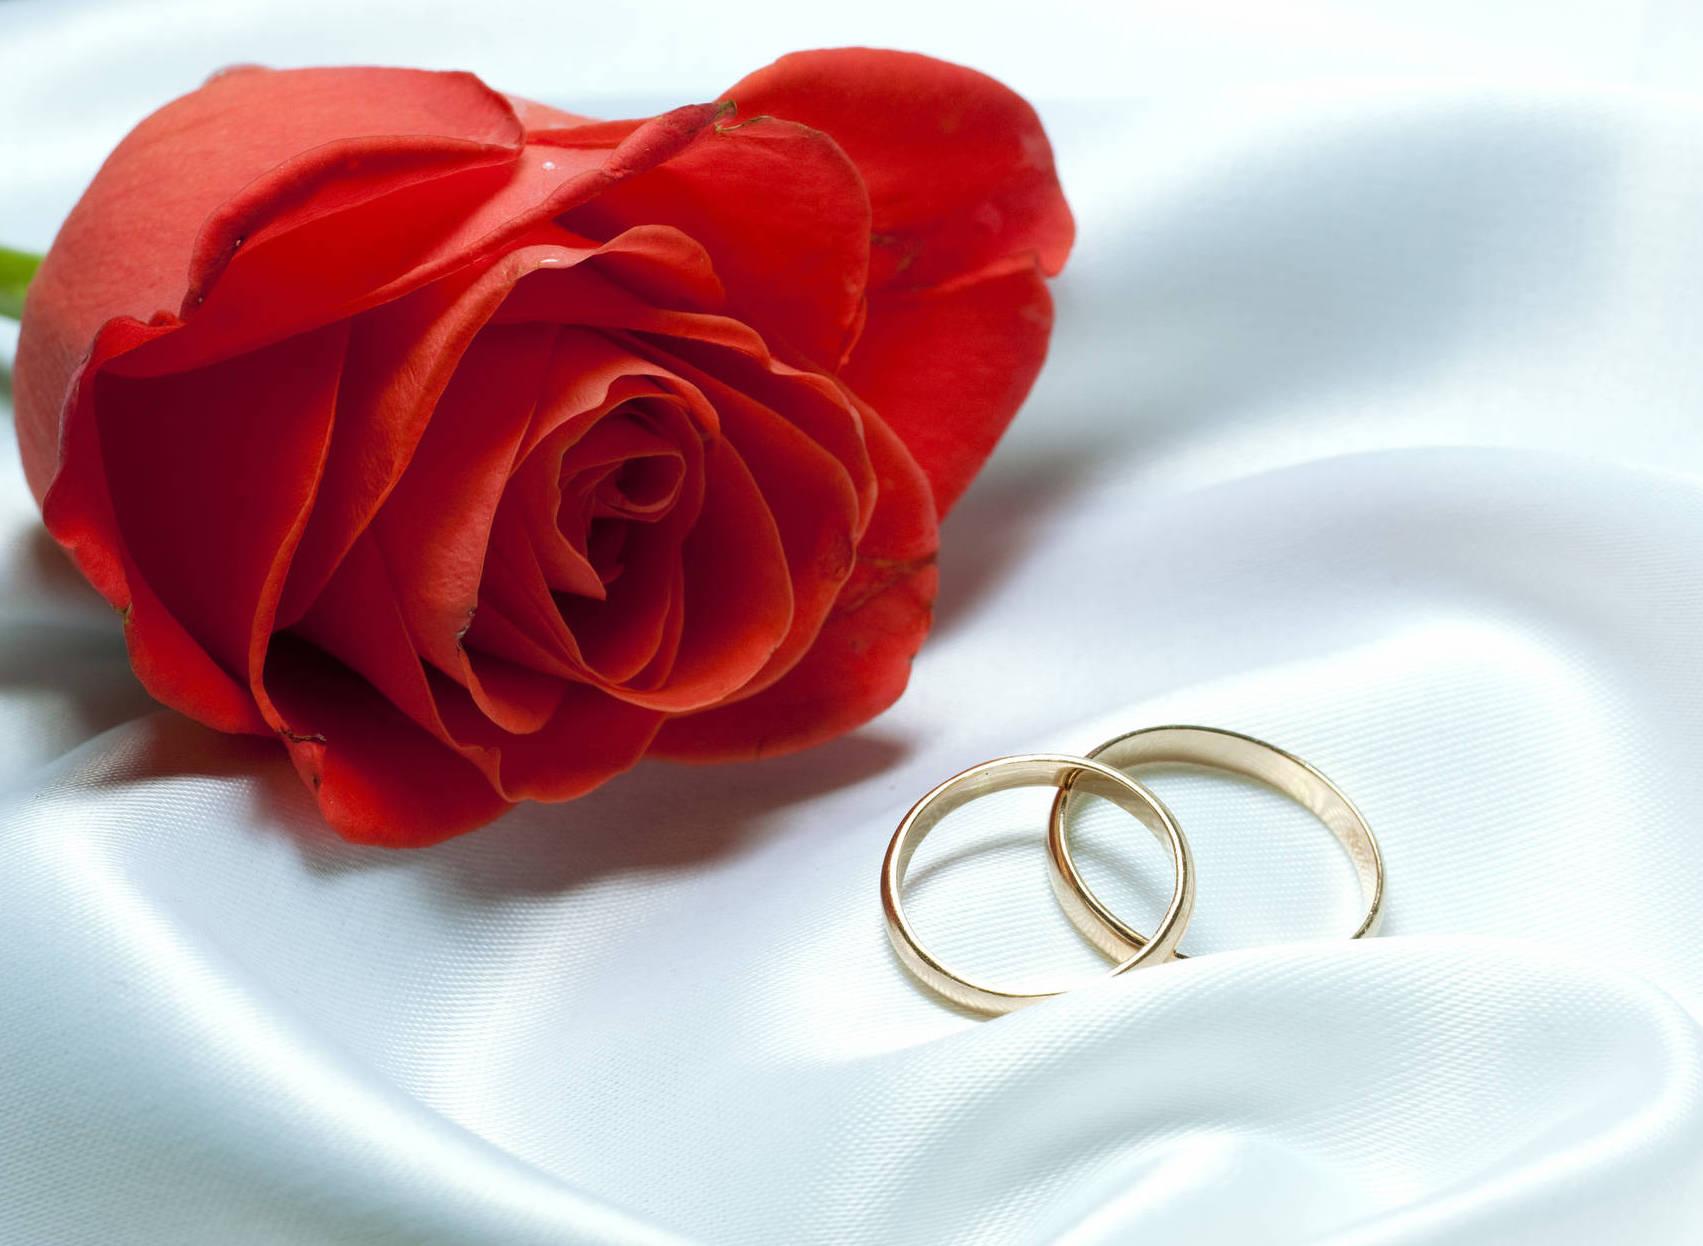 Die zwei Ringe als Zeichen der ewigen Träue. Feier mit XDREAM deinen schönsten Tag - die Hochzeit